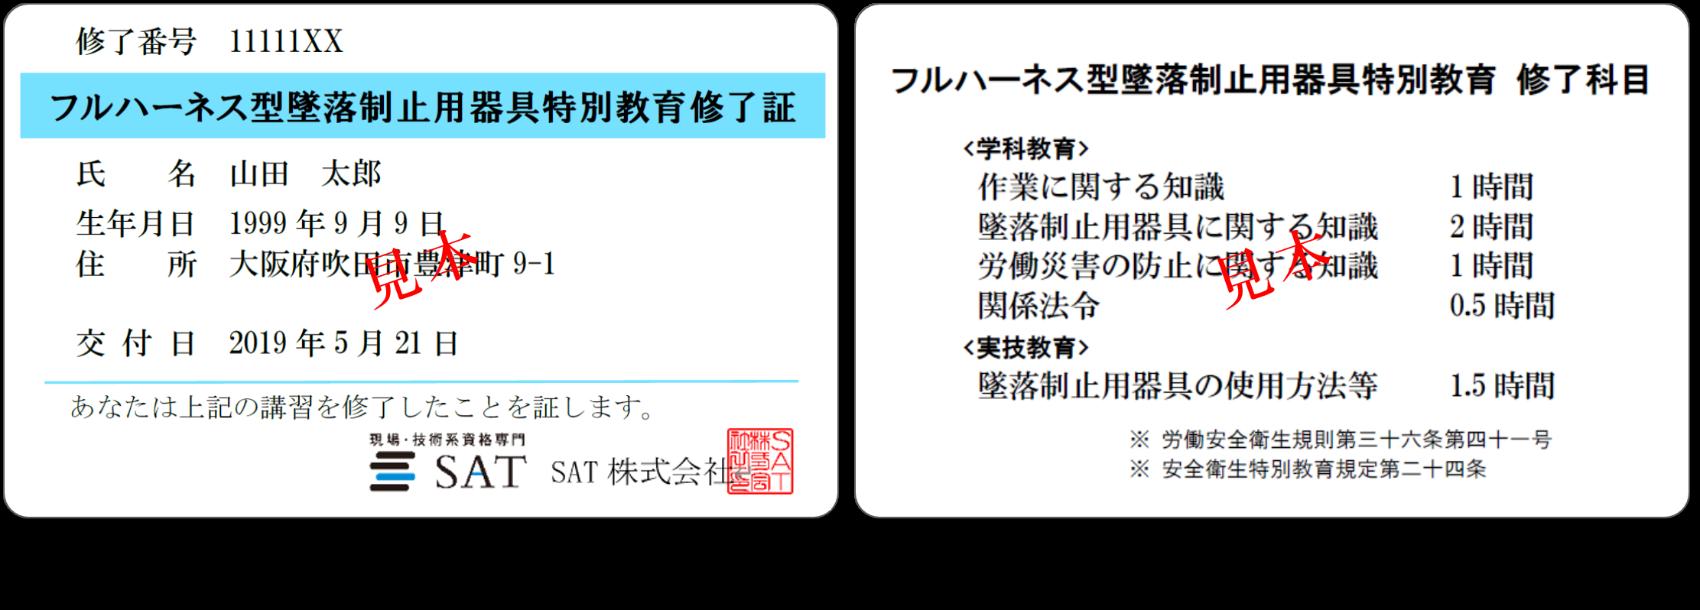 フル ハーネス 講習 大阪